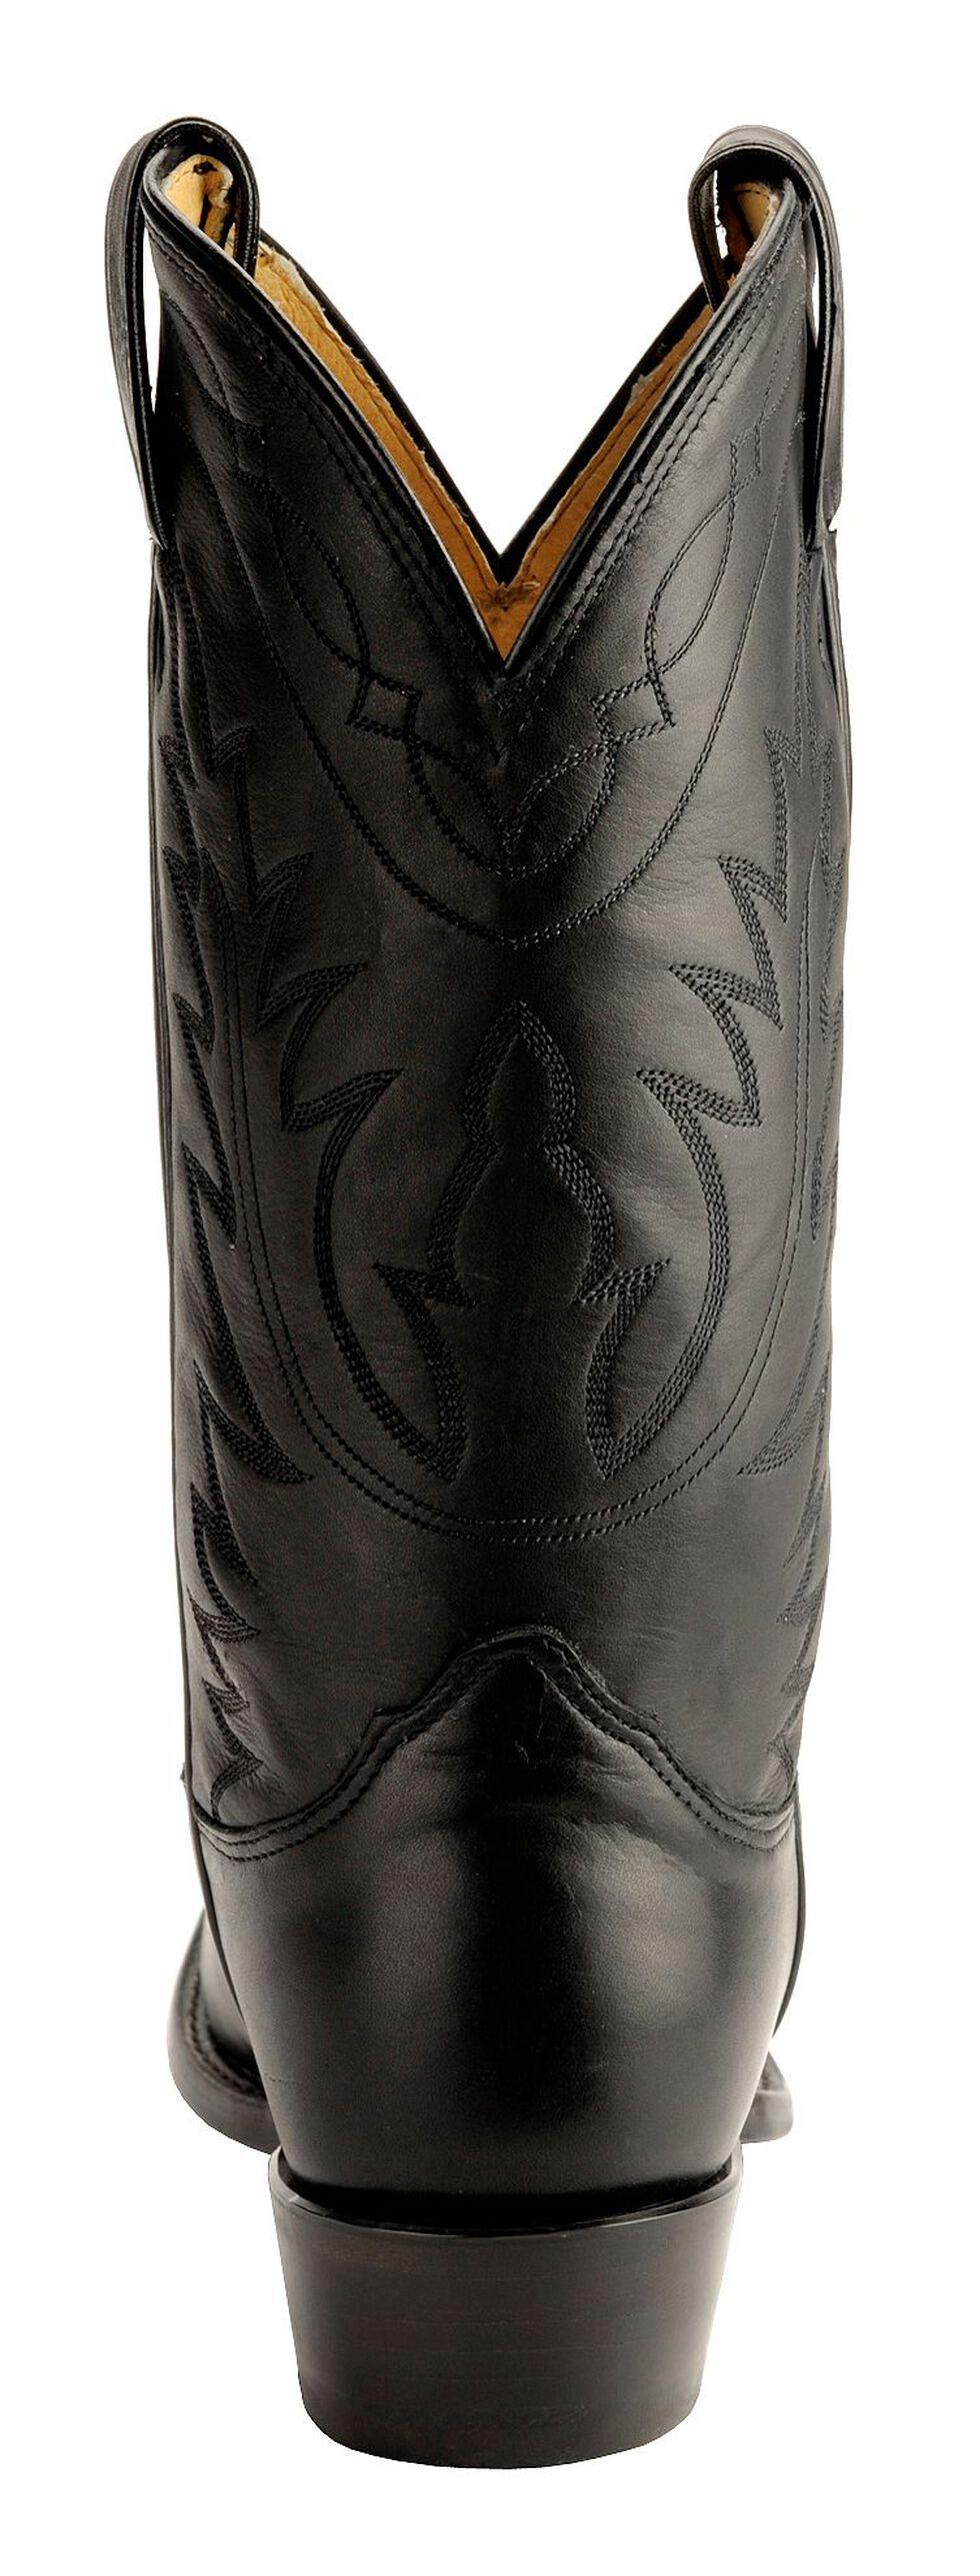 Nocona Deertan Cowboy Boots - Medium Toe, Black, hi-res